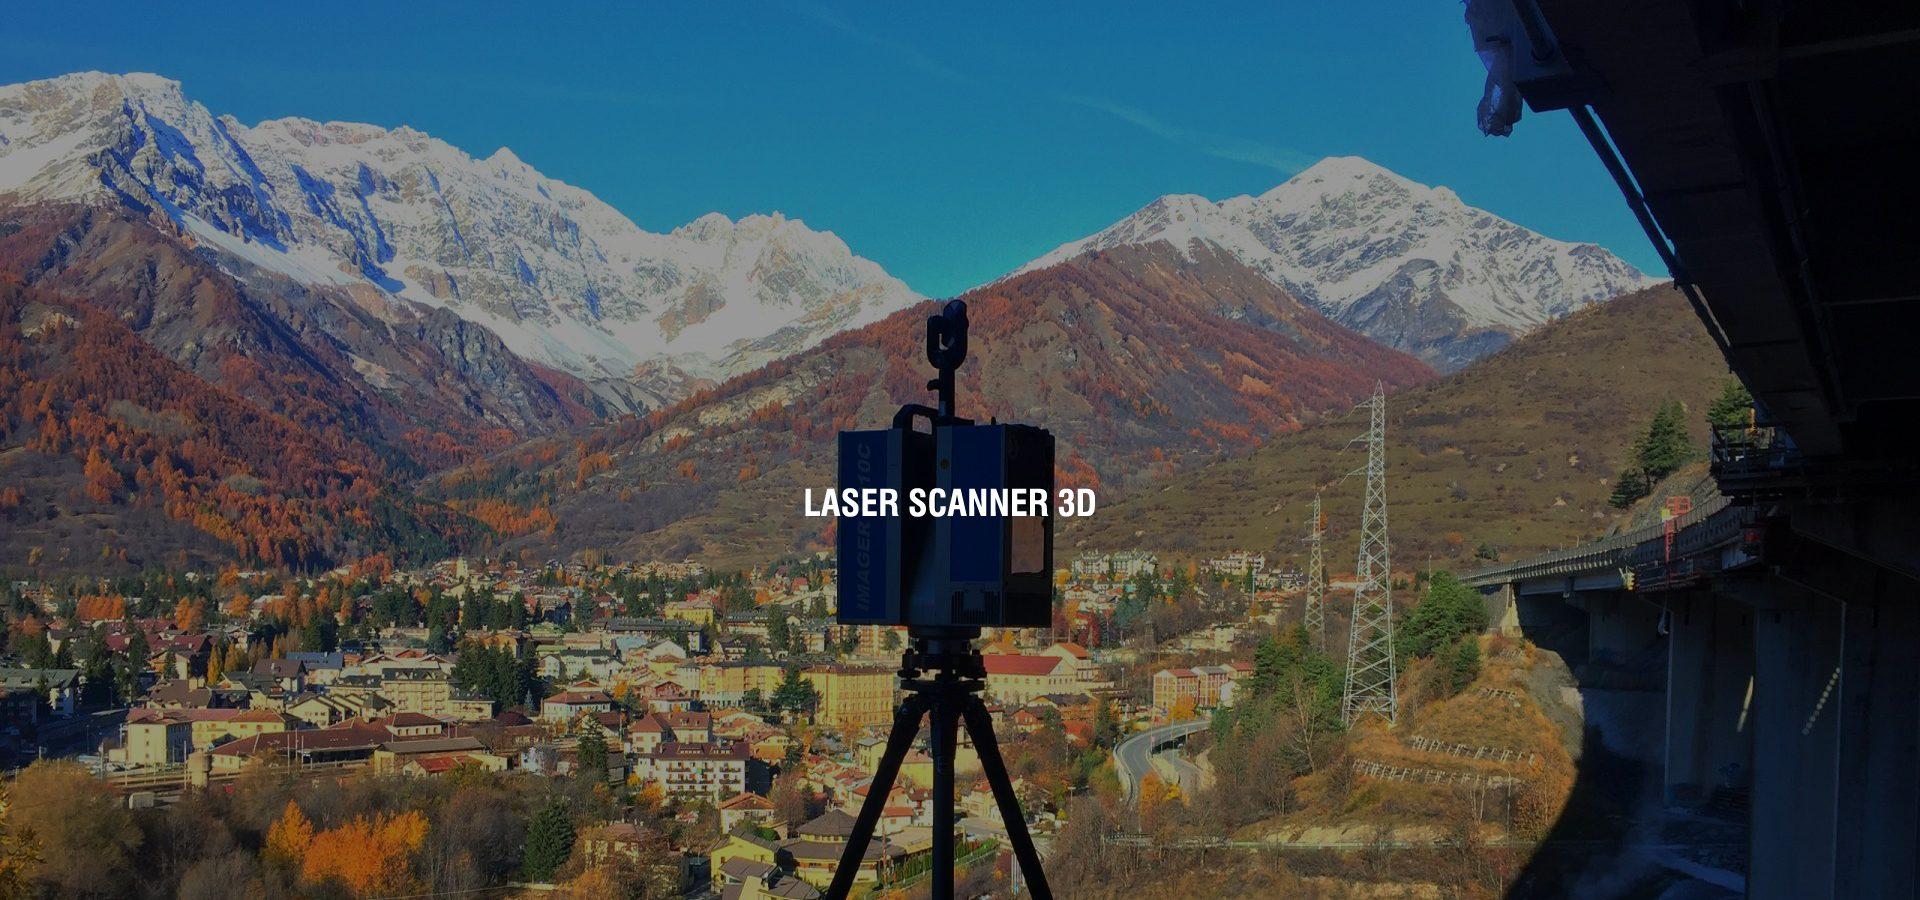 LASERSCANNER 3D 1